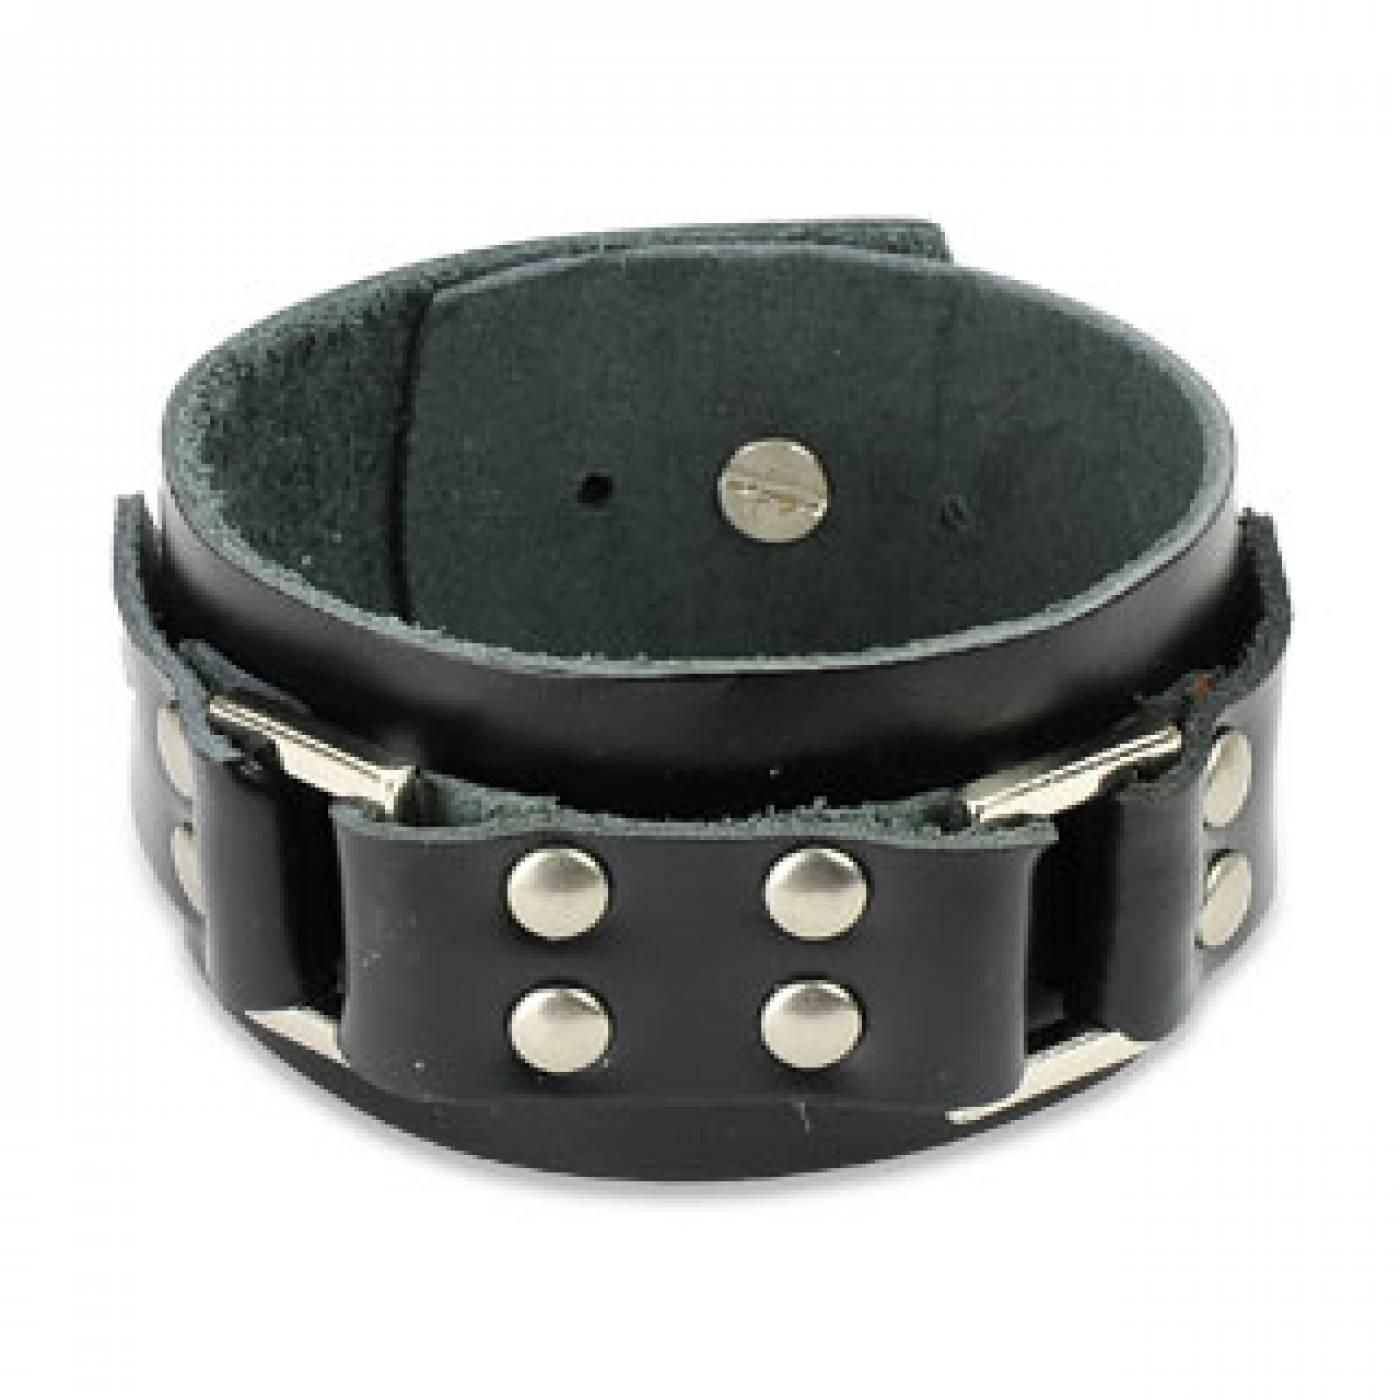 bracelet cuir homme large. Black Bedroom Furniture Sets. Home Design Ideas